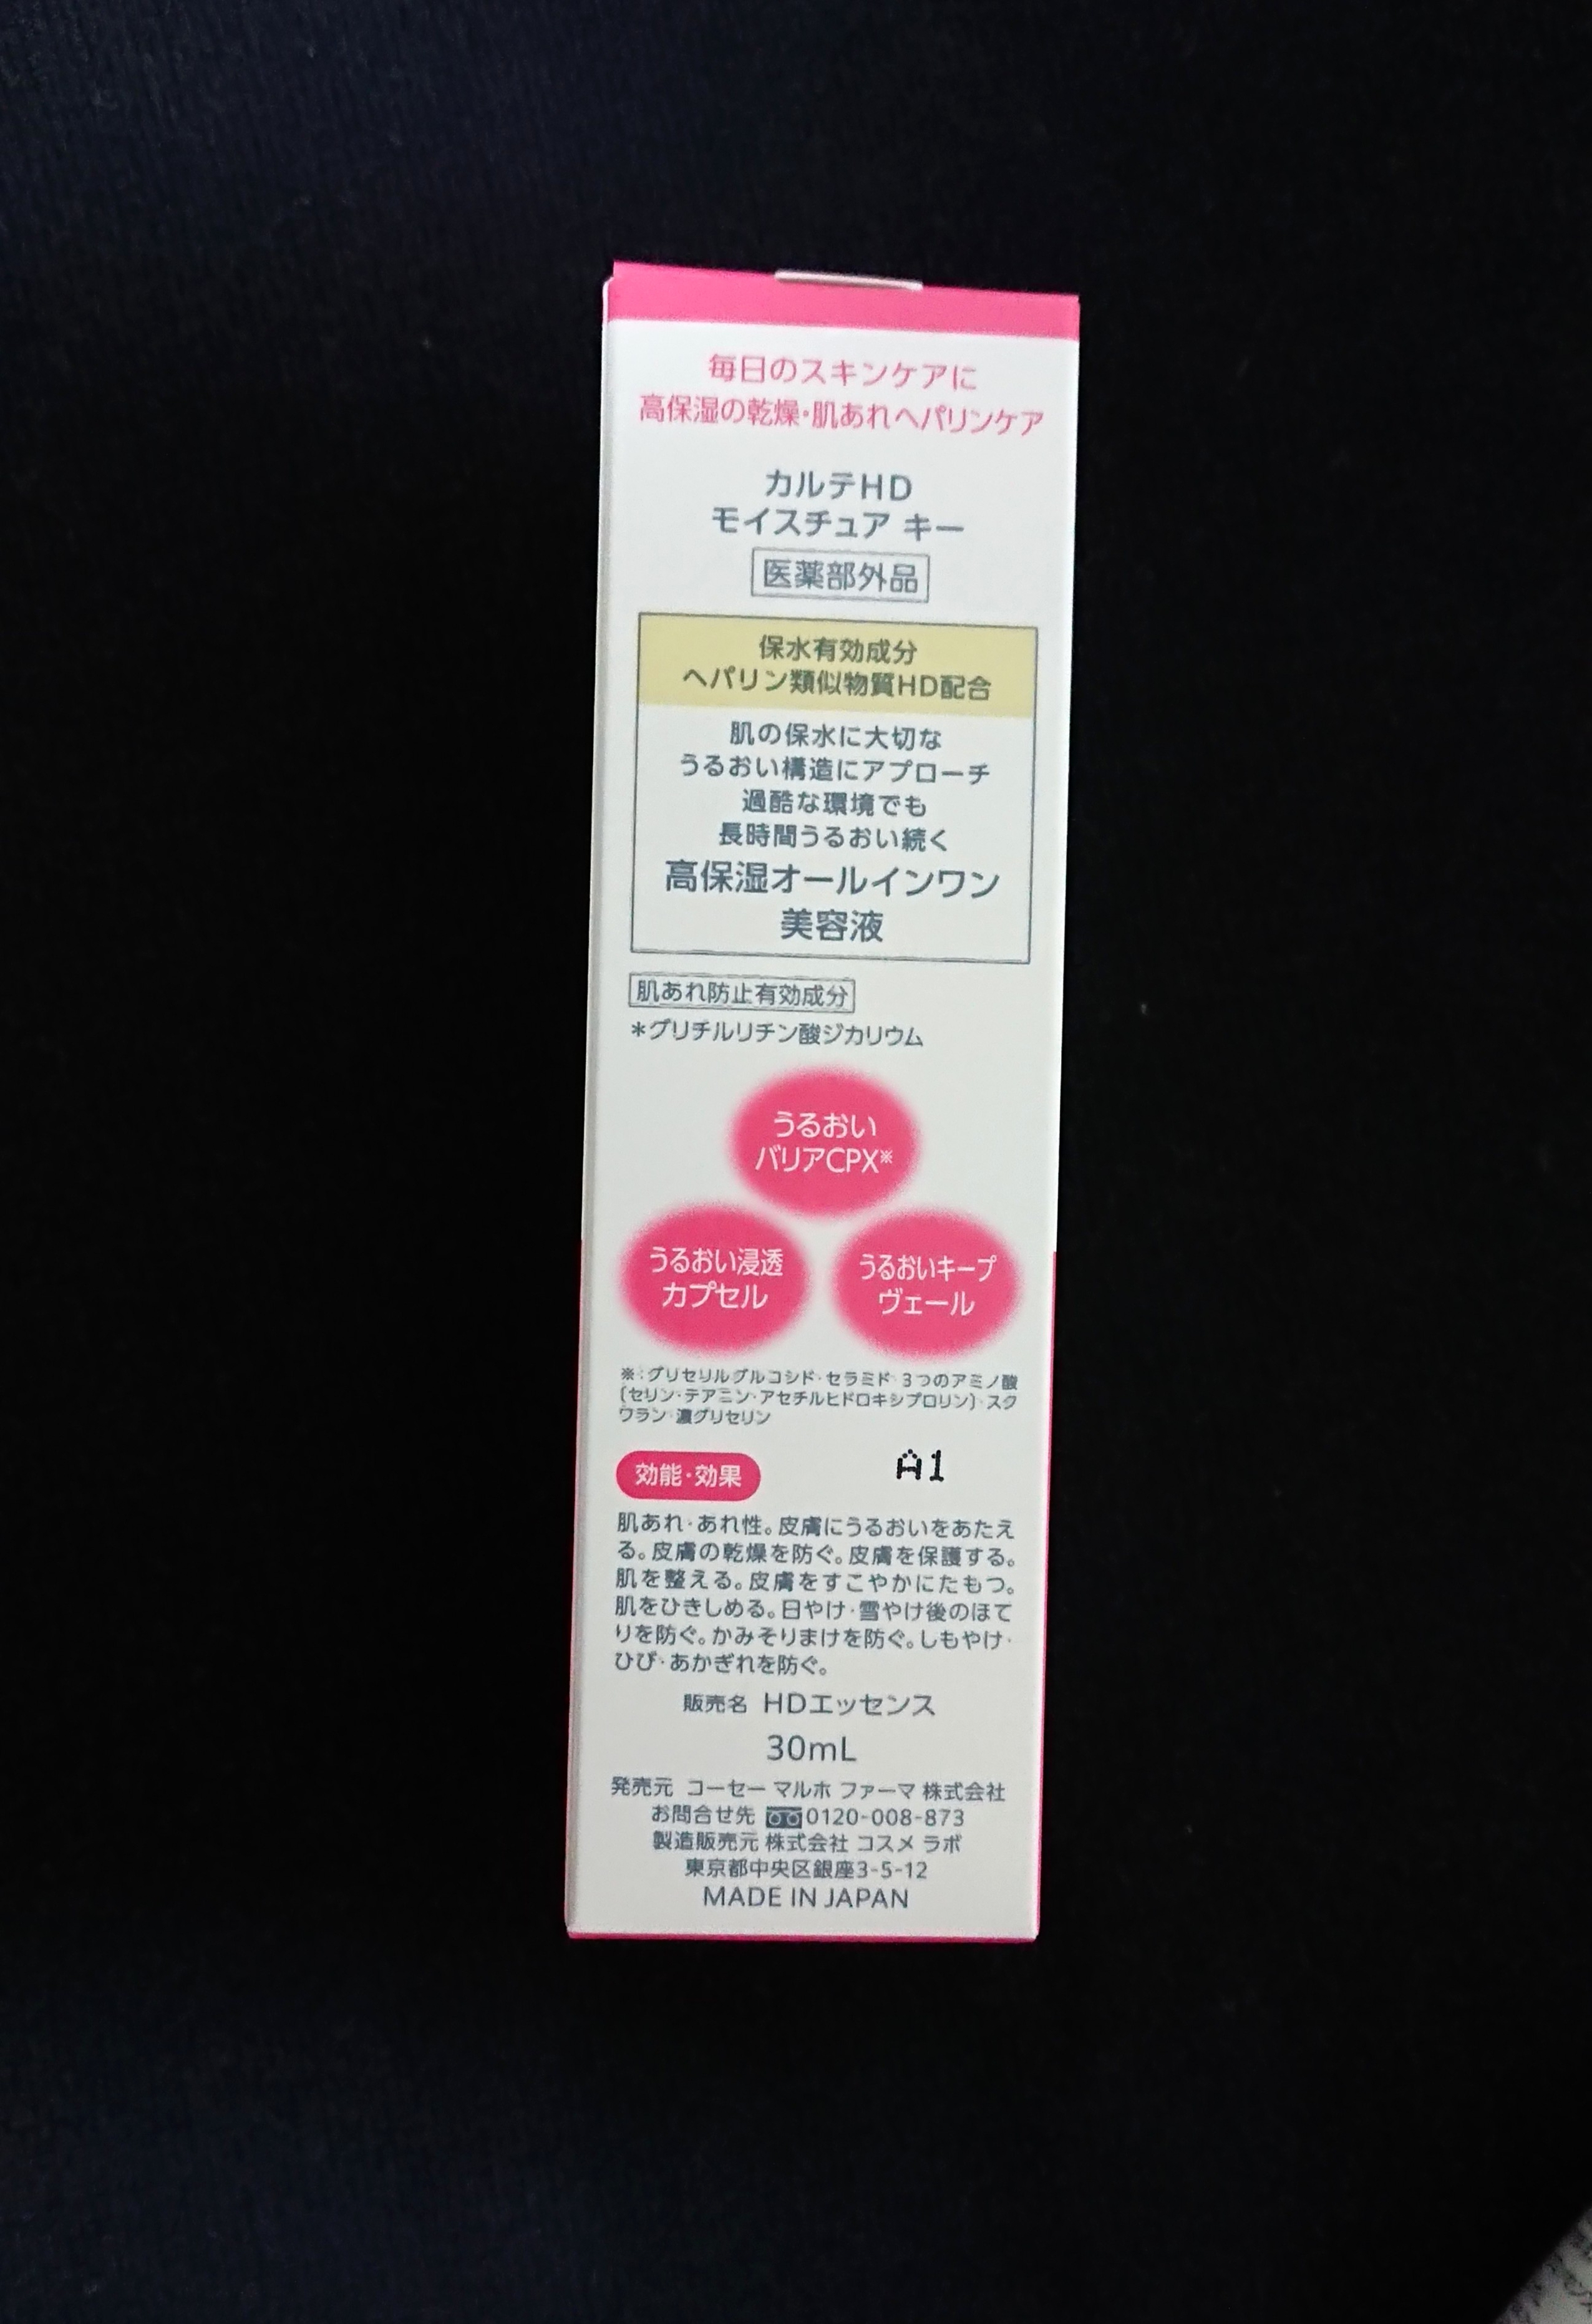 カルテHD(カルテエイチディー) モイスチュア キーの良い点・メリットに関する恵未さんの口コミ画像2